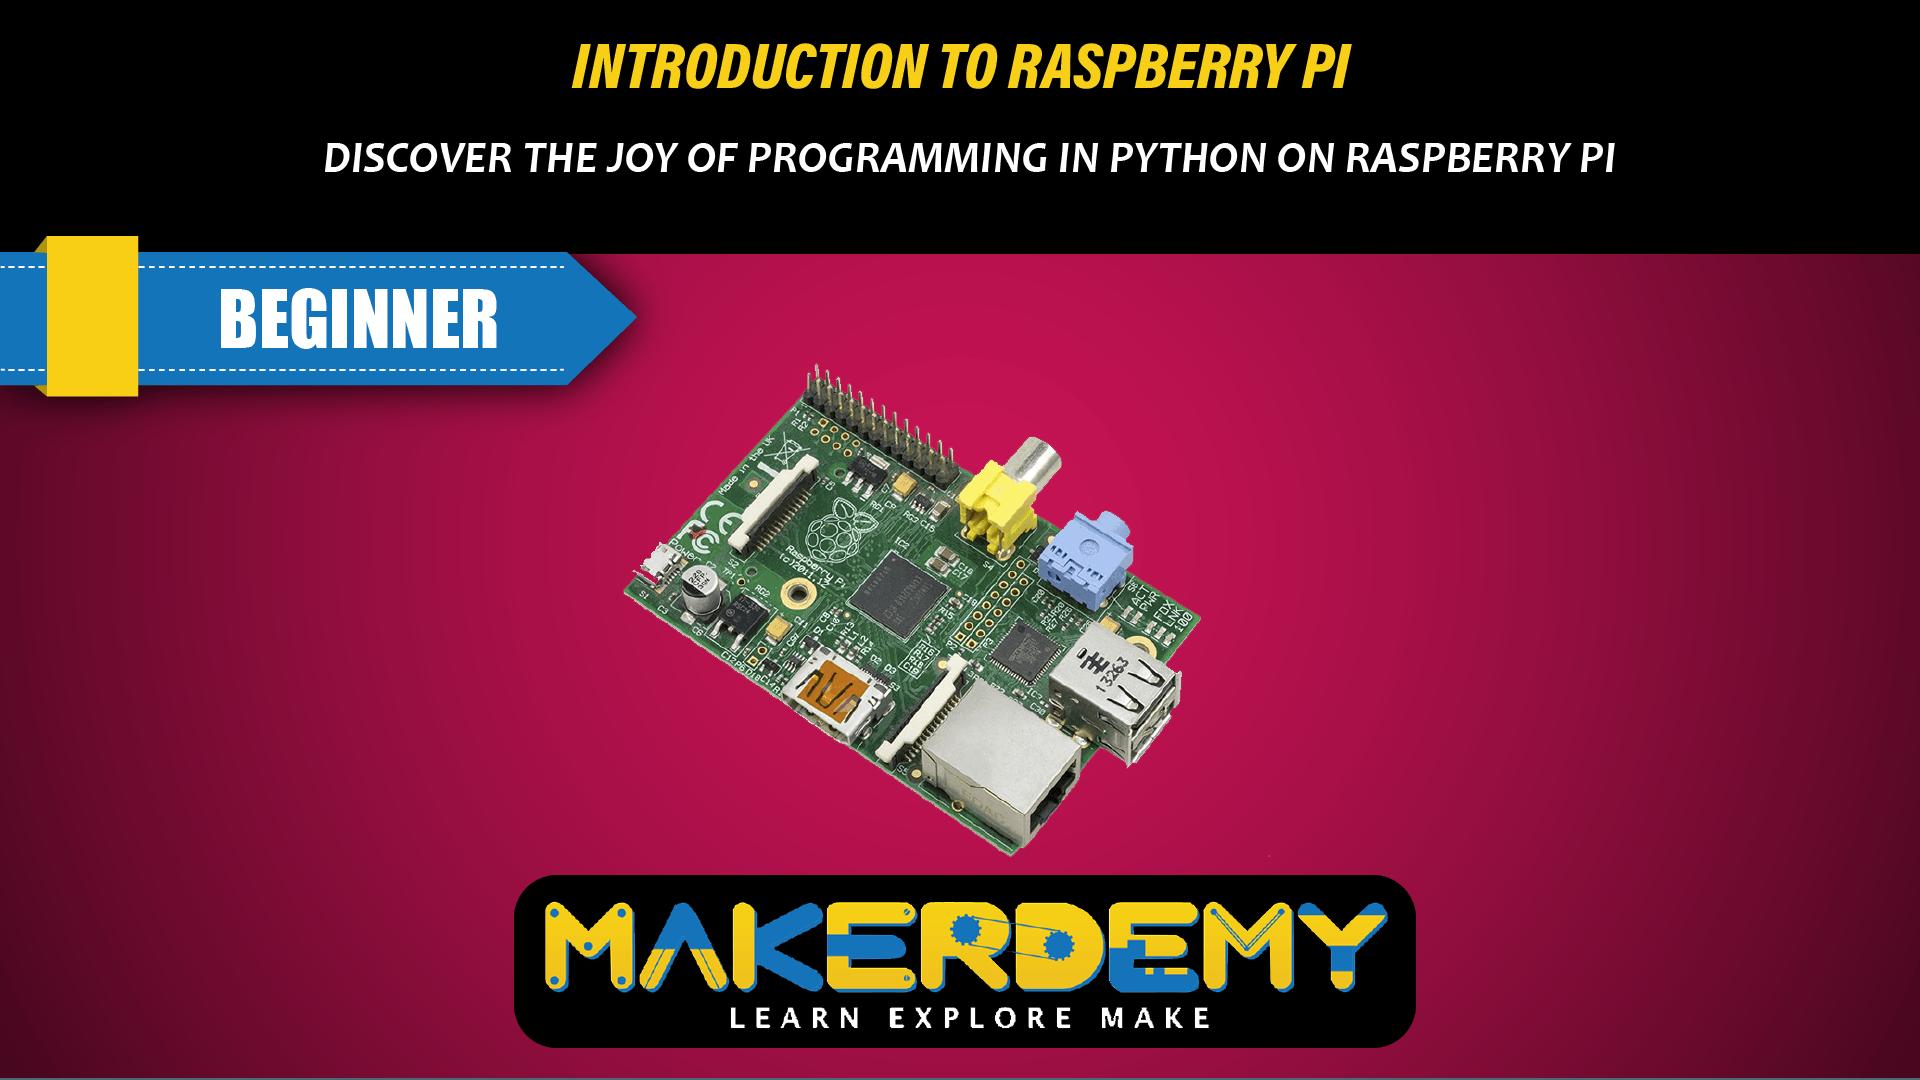 makerdemy1.teachable.com